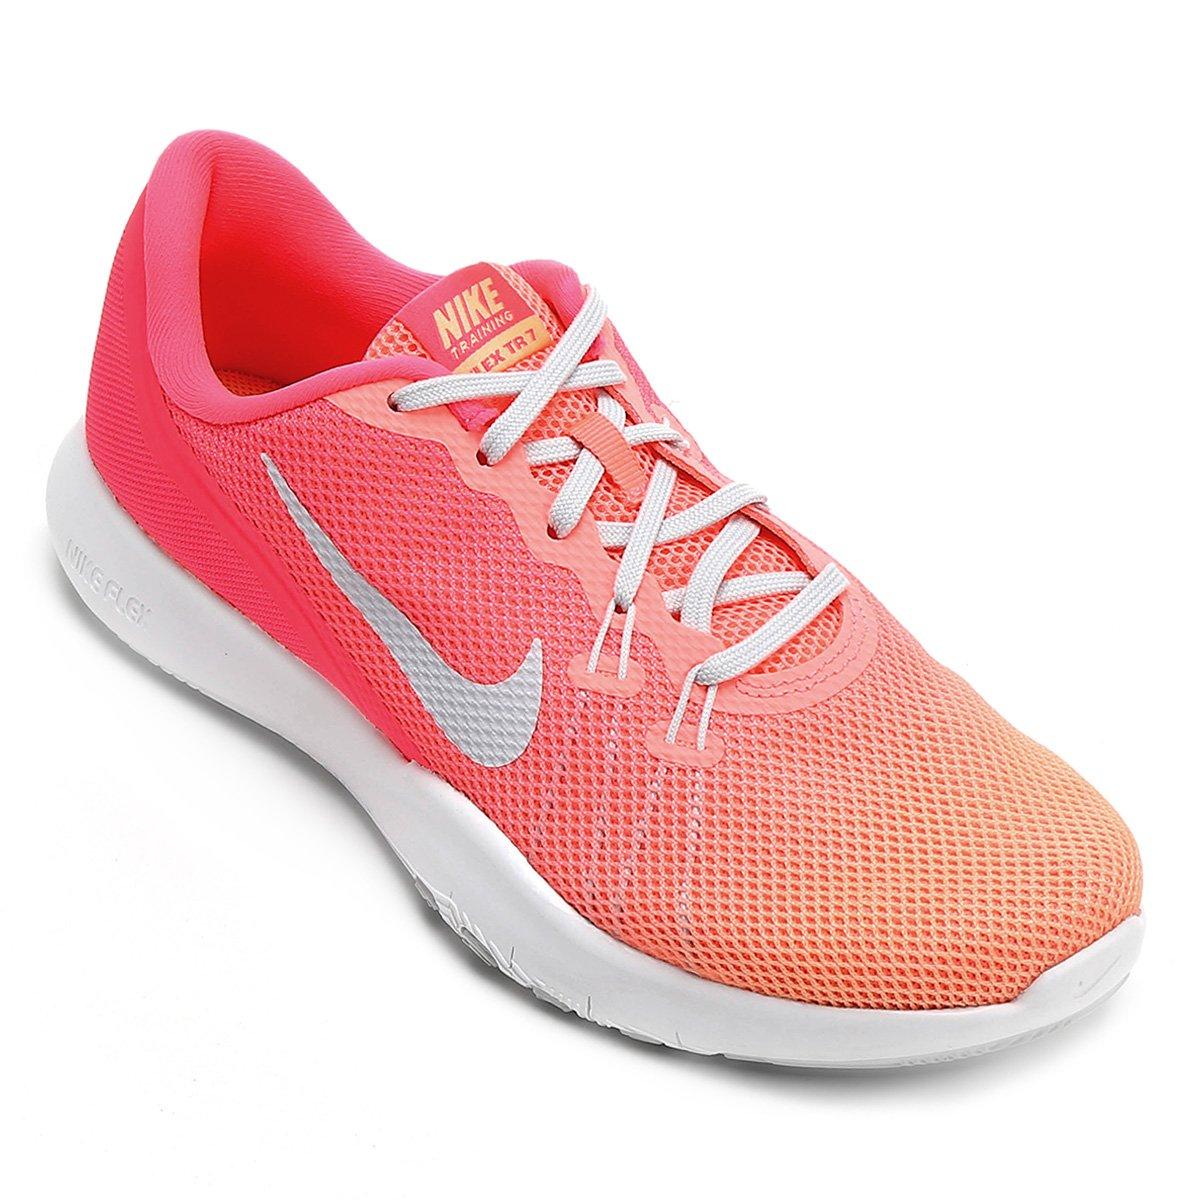 d8e167760 Tênis Nike Free Form Tr Fade Feminino - Compre Agora